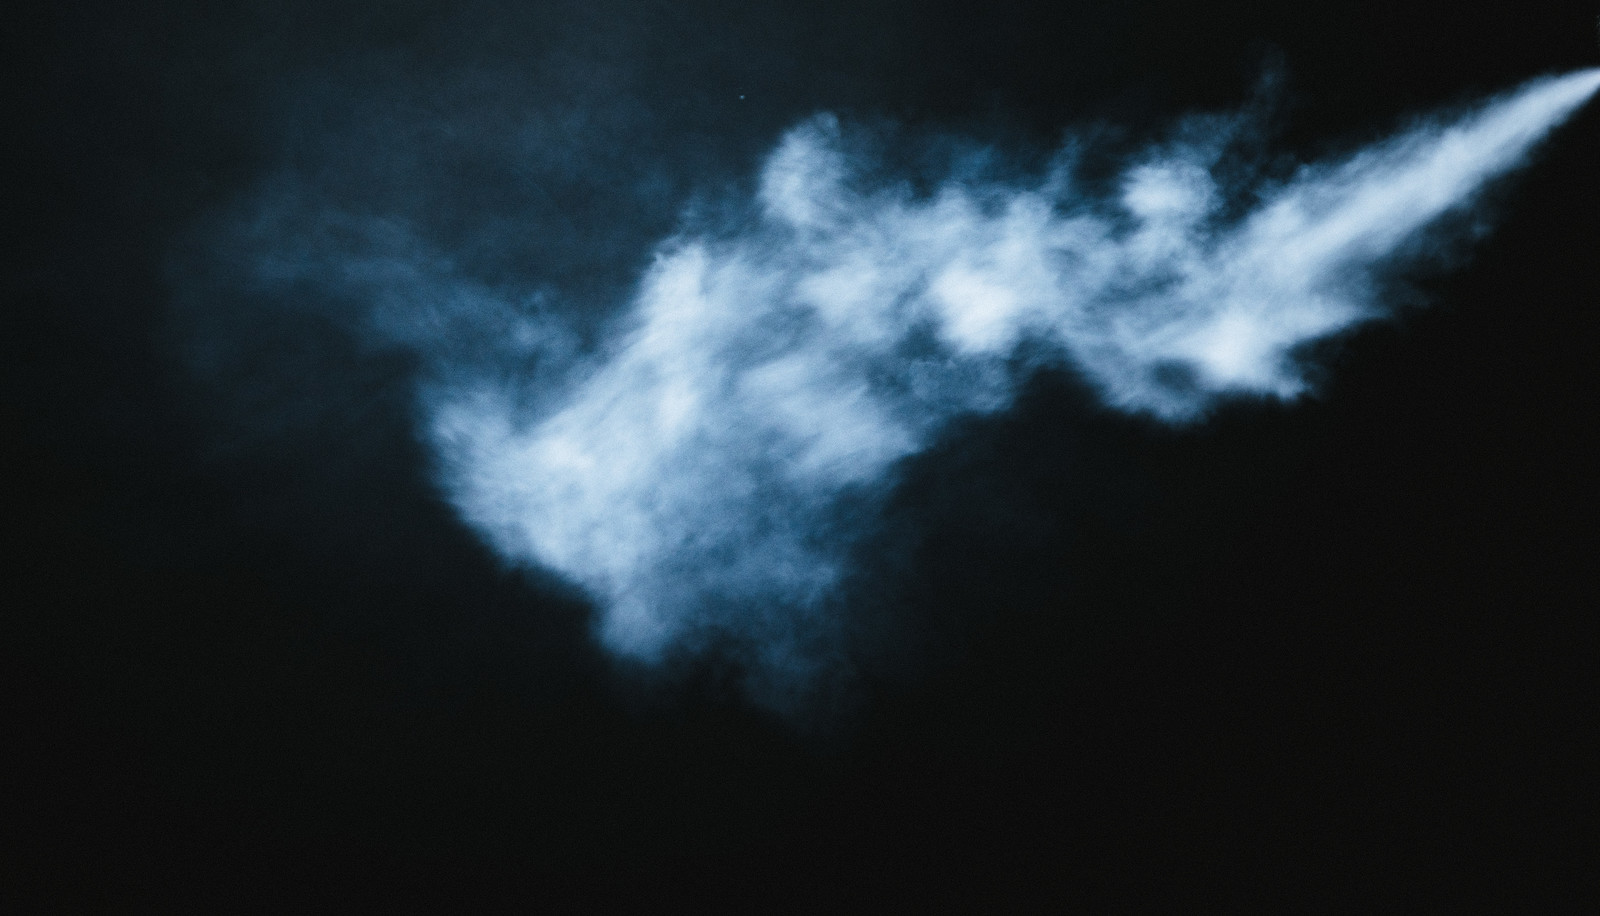 「副流煙」の写真